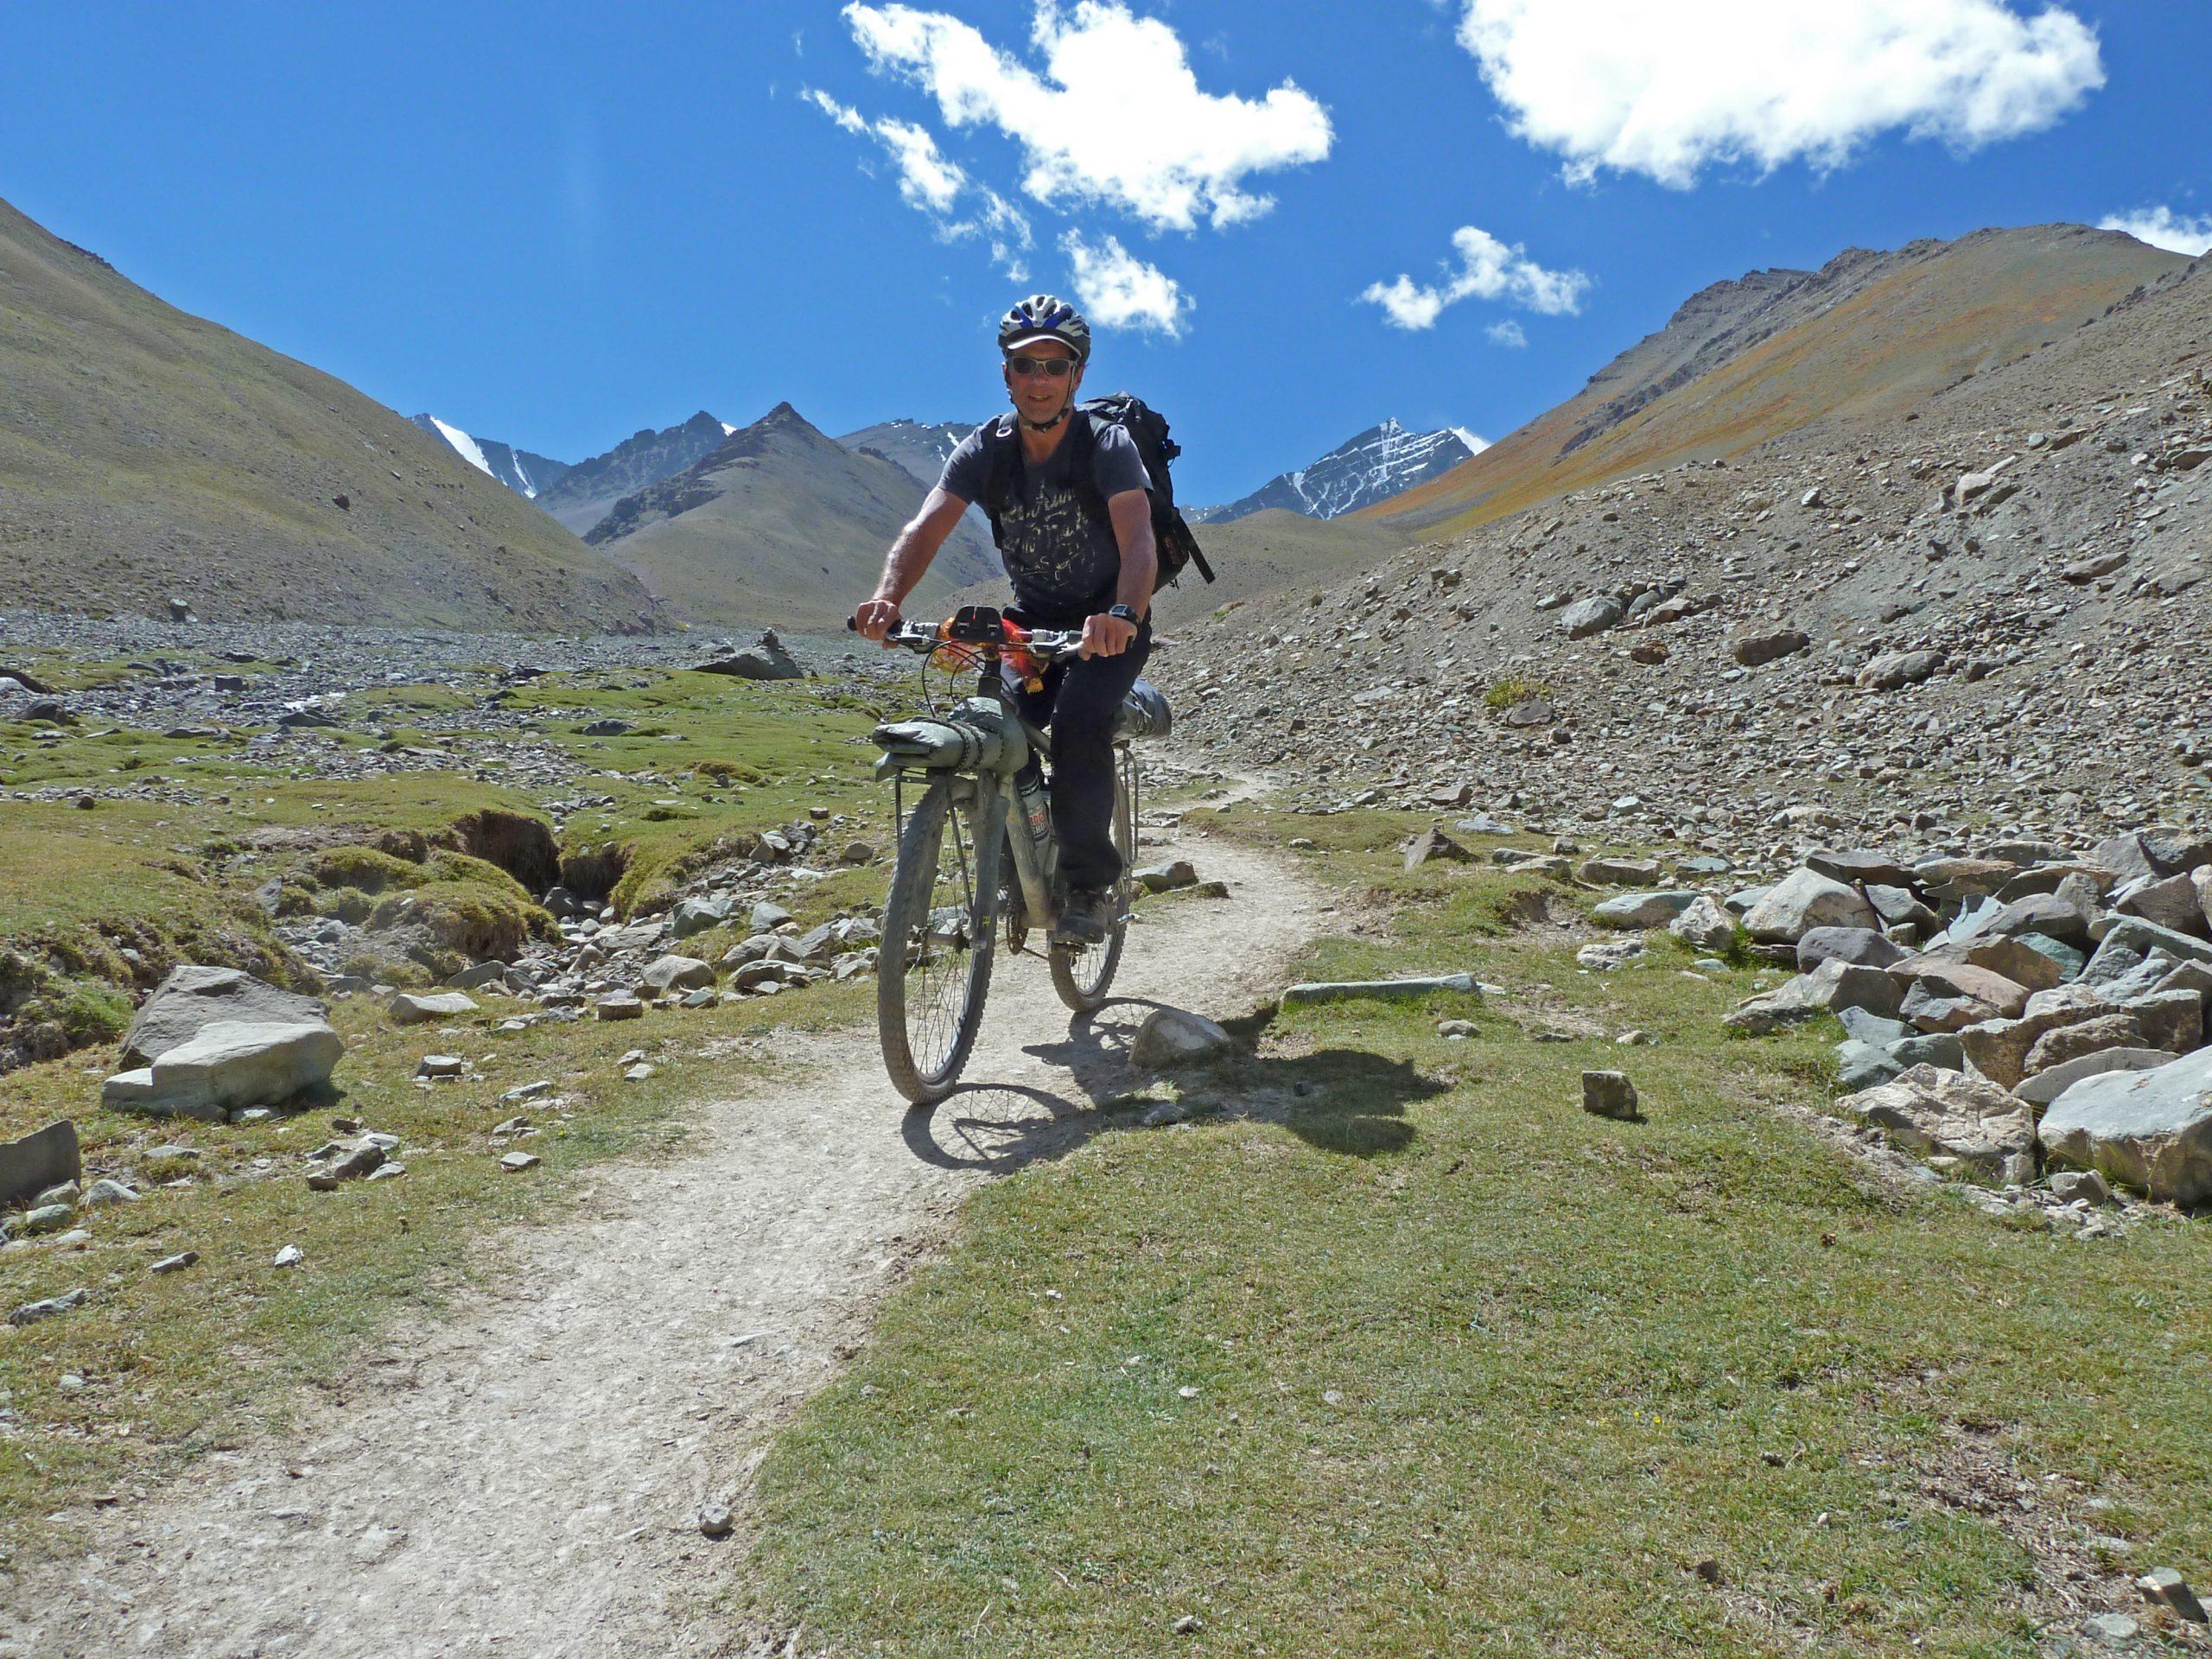 Radreise Ladakh 2012 - Stok Valley und Stok Kangri (6.125m)